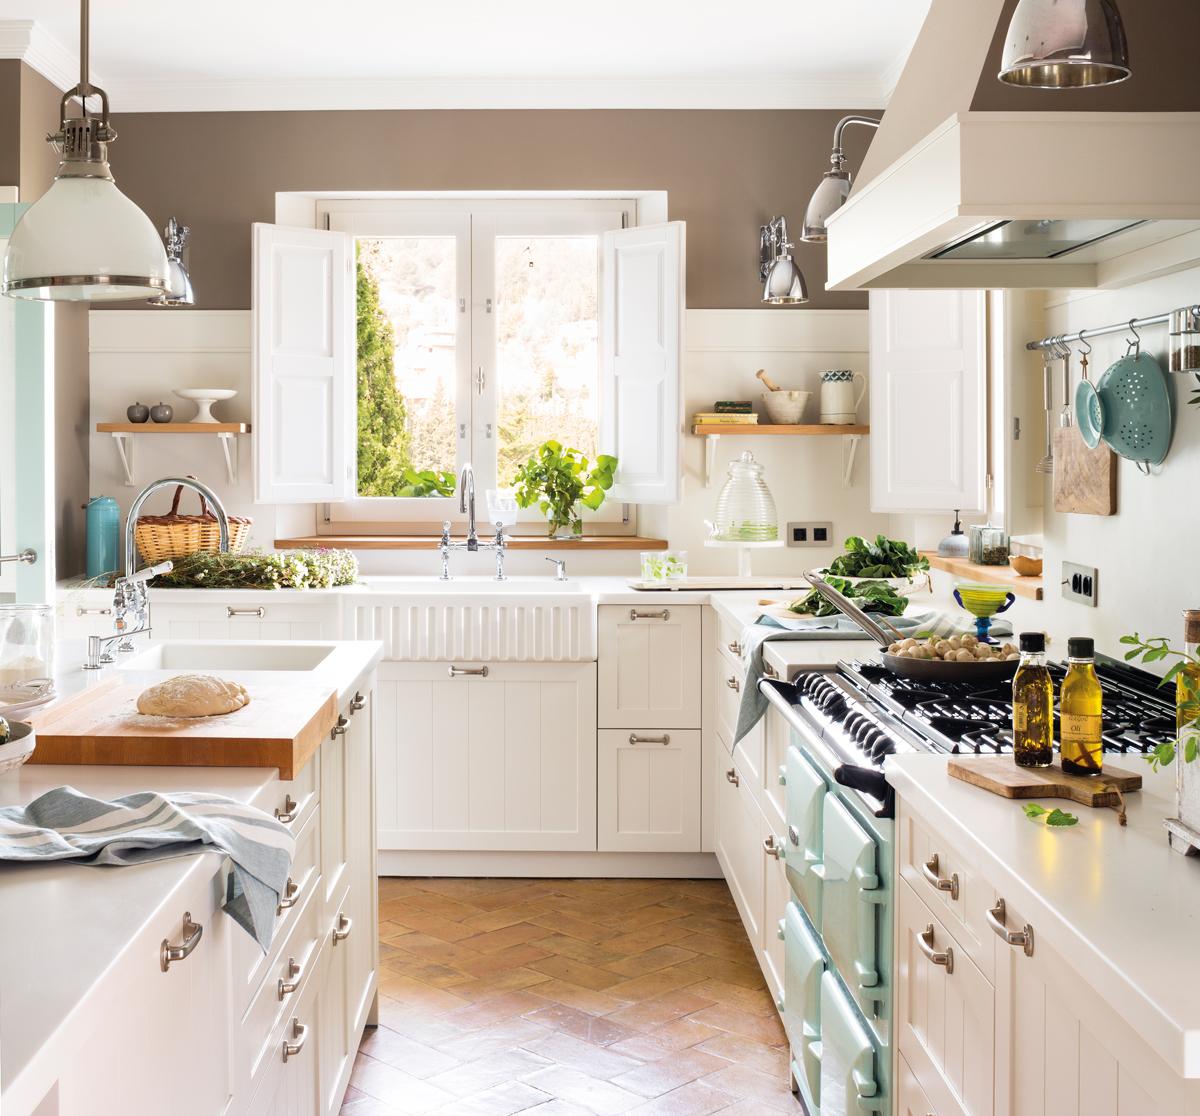 Campanas Extractoras Campanas Decorativas Para Tu Cocina Elmueble ~ Precio Electrodomesticos Cocina Completa